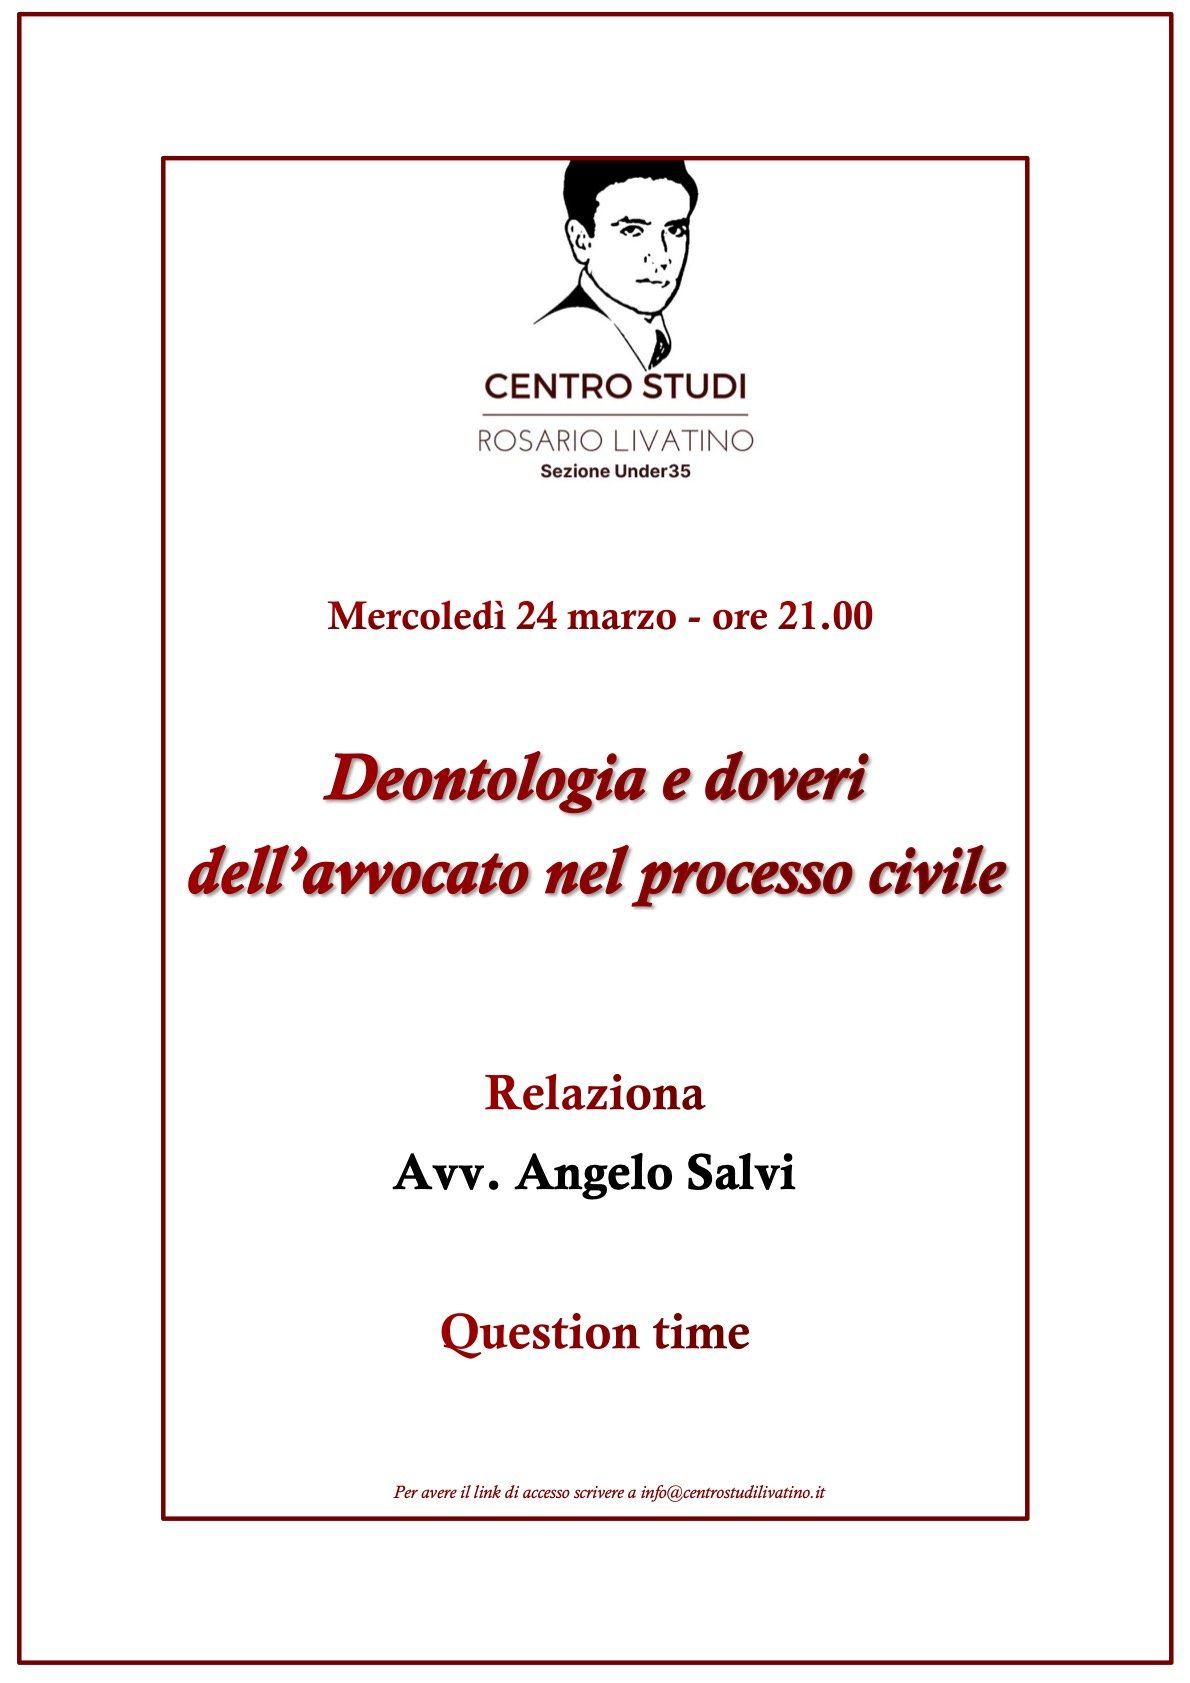 deontologia e doveri dell'avvocato nel processo civile - locandina